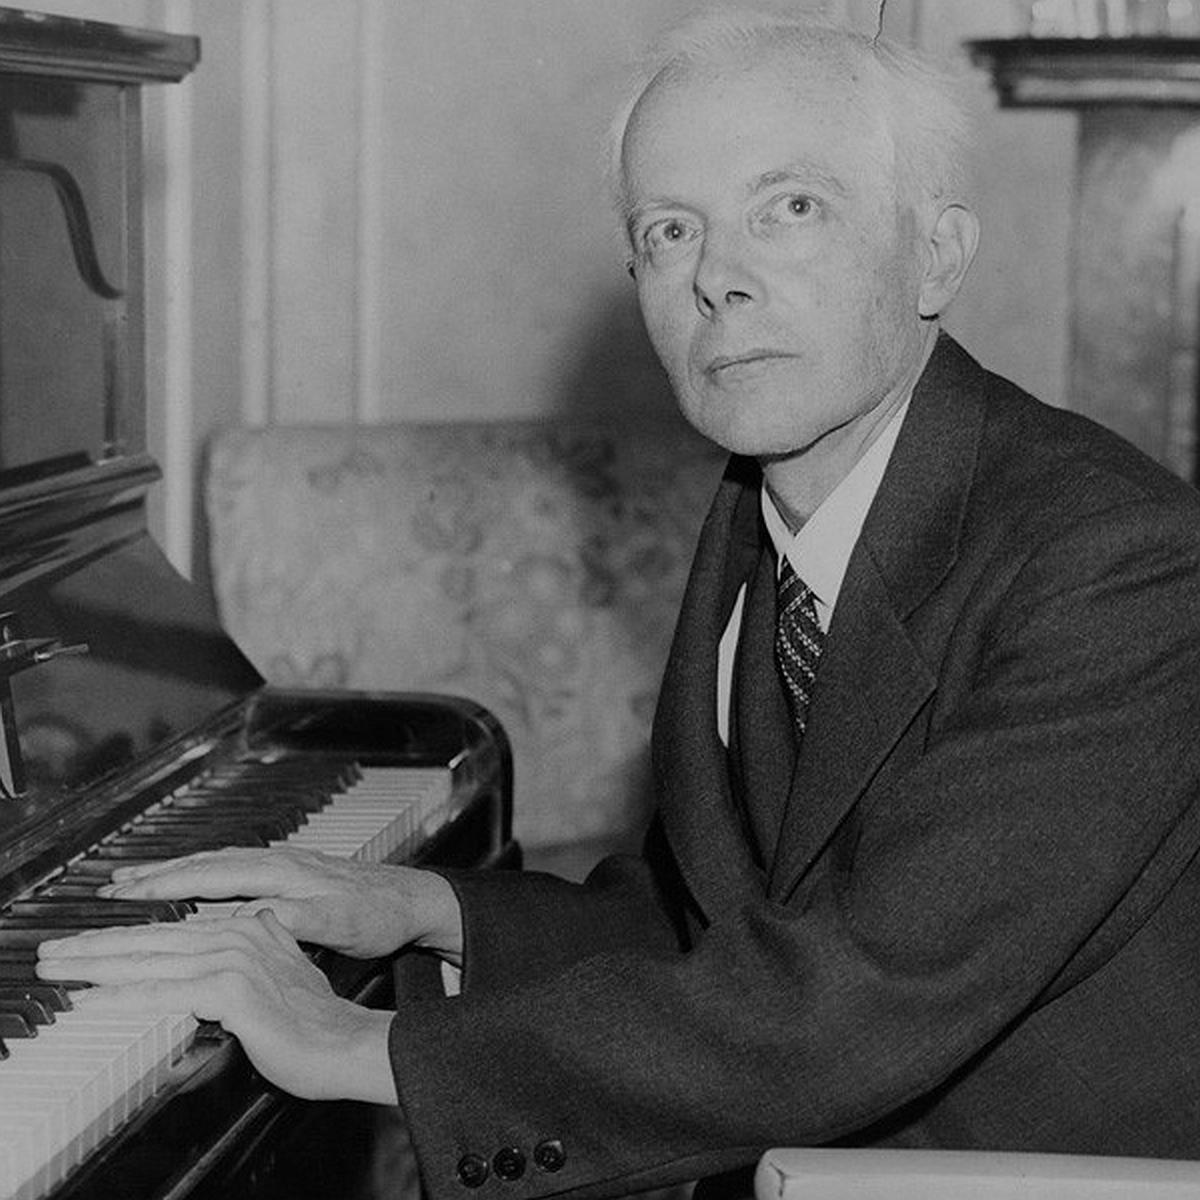 Ce portrait de BELA BARTOK au piano a été publié à de nombreux endroits. La publication la plus ancienne que j'ai pu - jusqu'à maintenant - trouver documentée est dans le New York Times de 1936, cliquer pour une vue agrandie